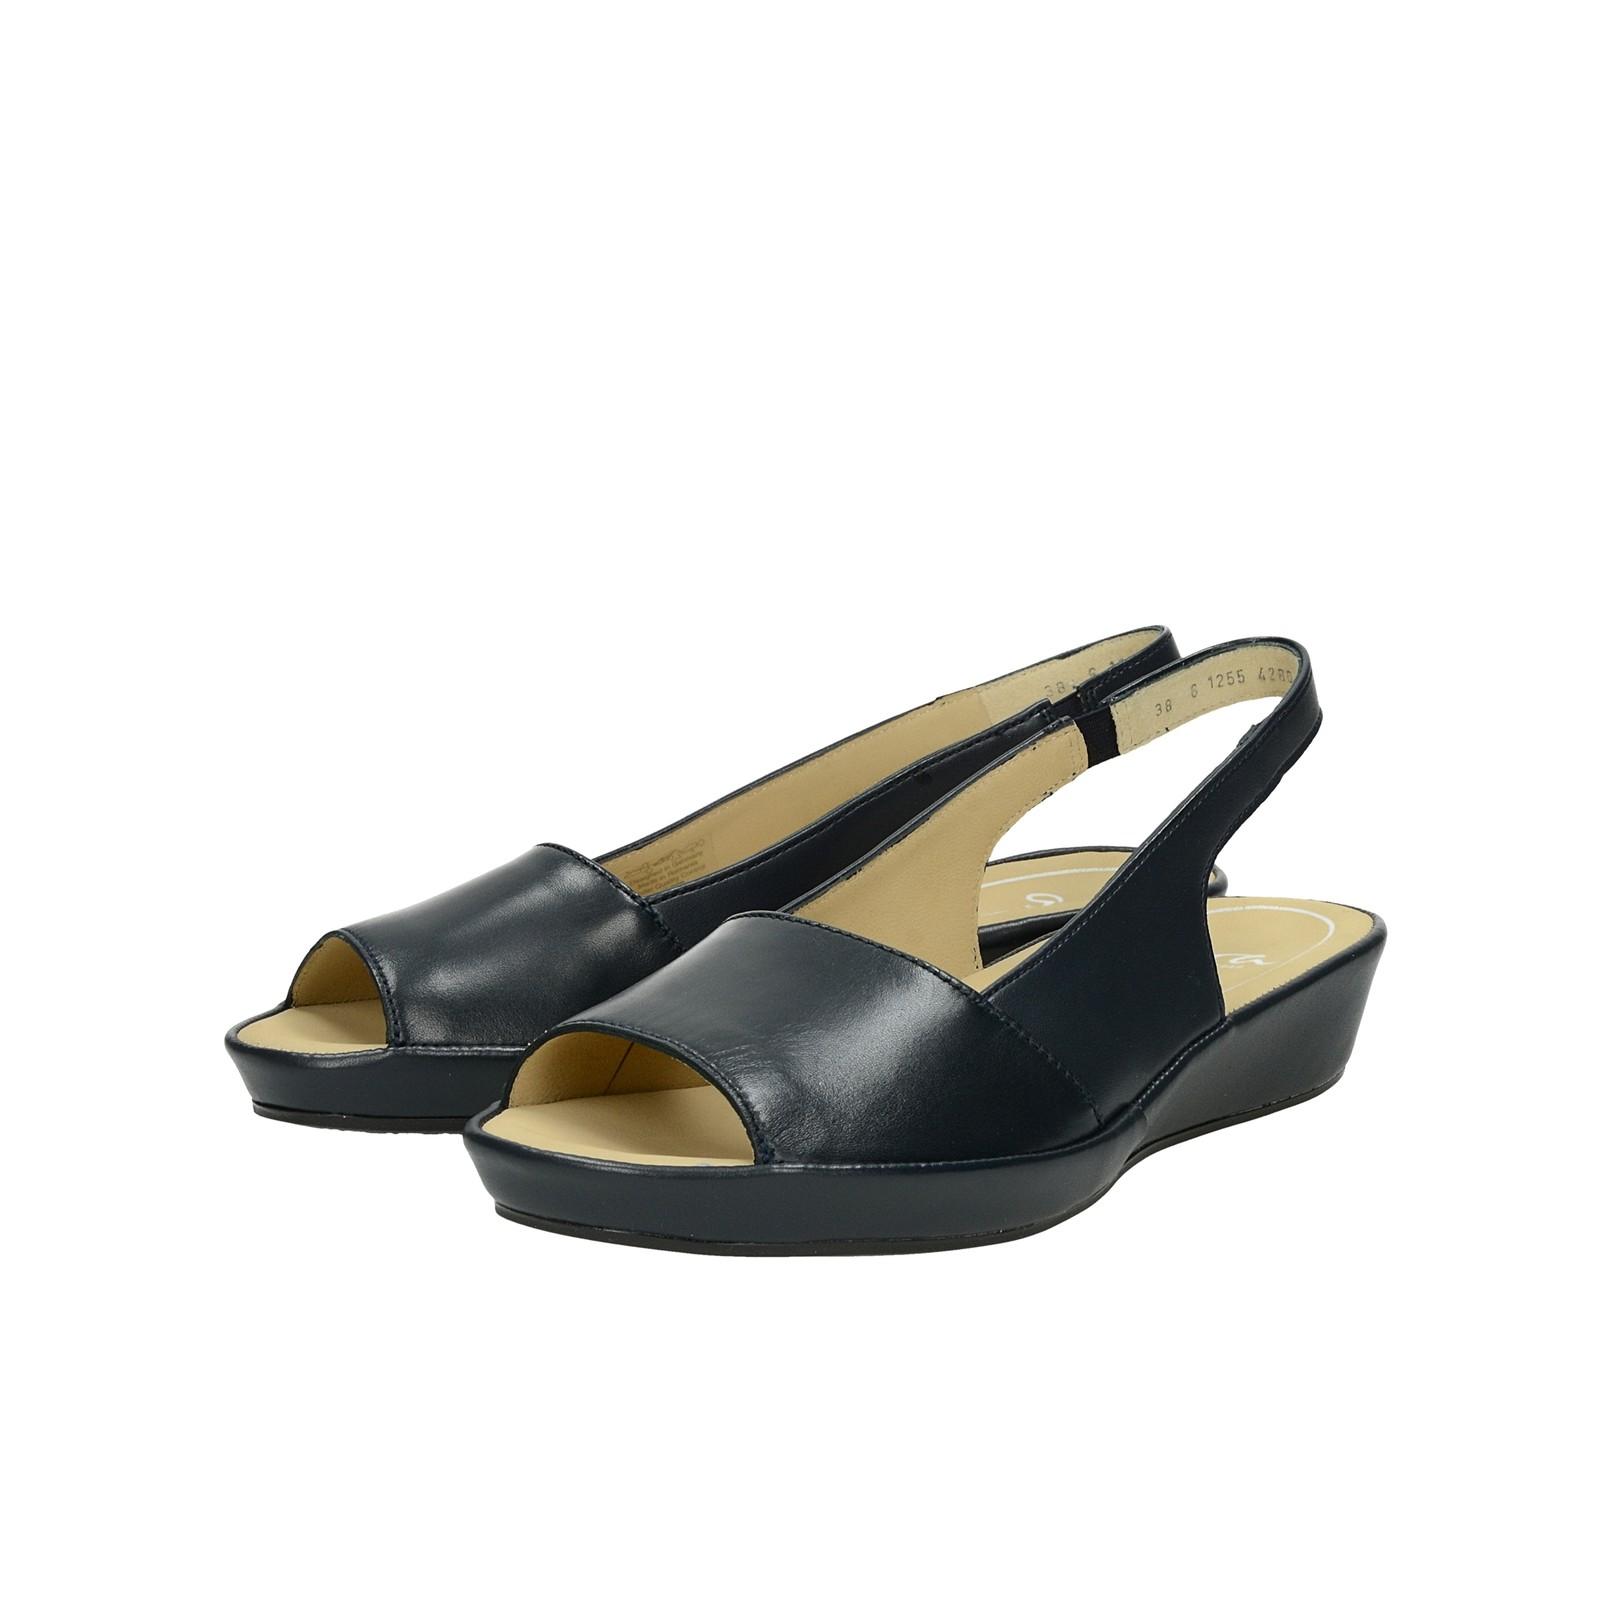 cad5b904bdb7 Ara dámske kožené pohodlné sandále - tmavomodré ...